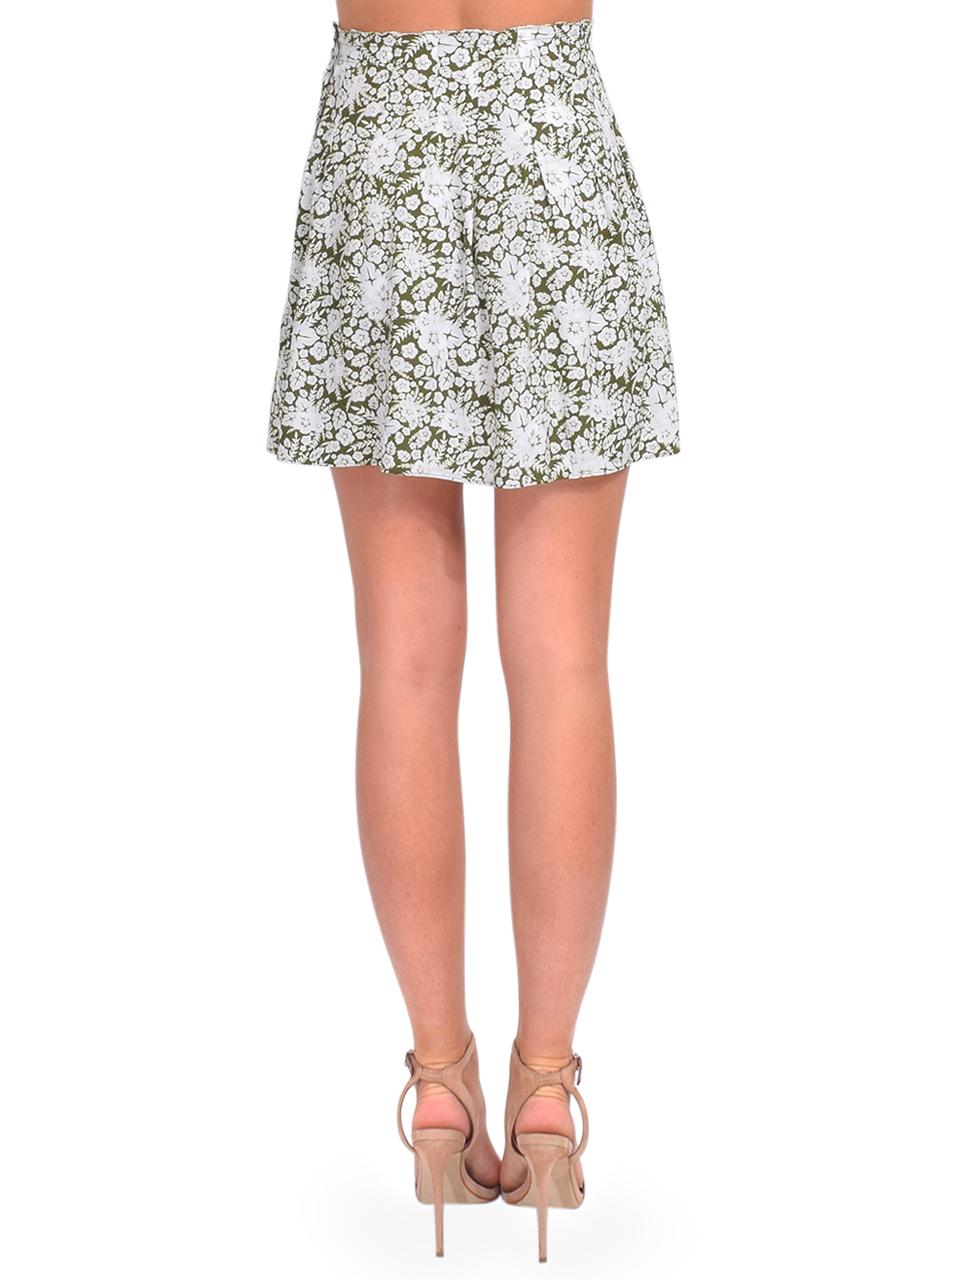 Bellerose Lexie Skirt Back View